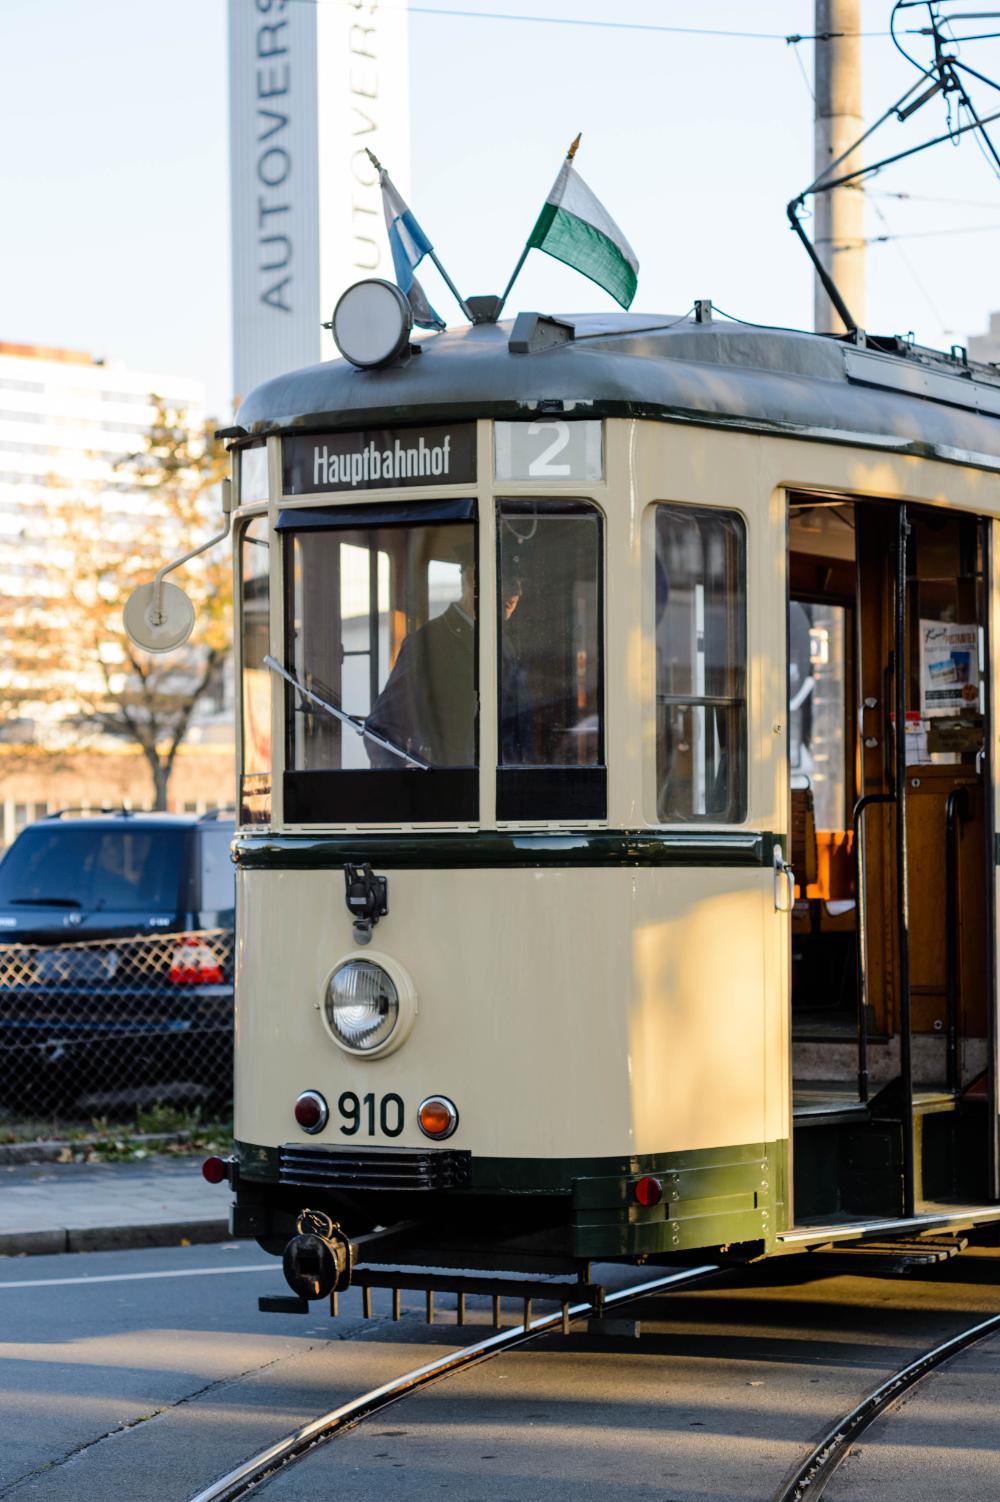 21 Straßenbahn, Bus , S Bahn und U Bahn Ideen in 21 ...